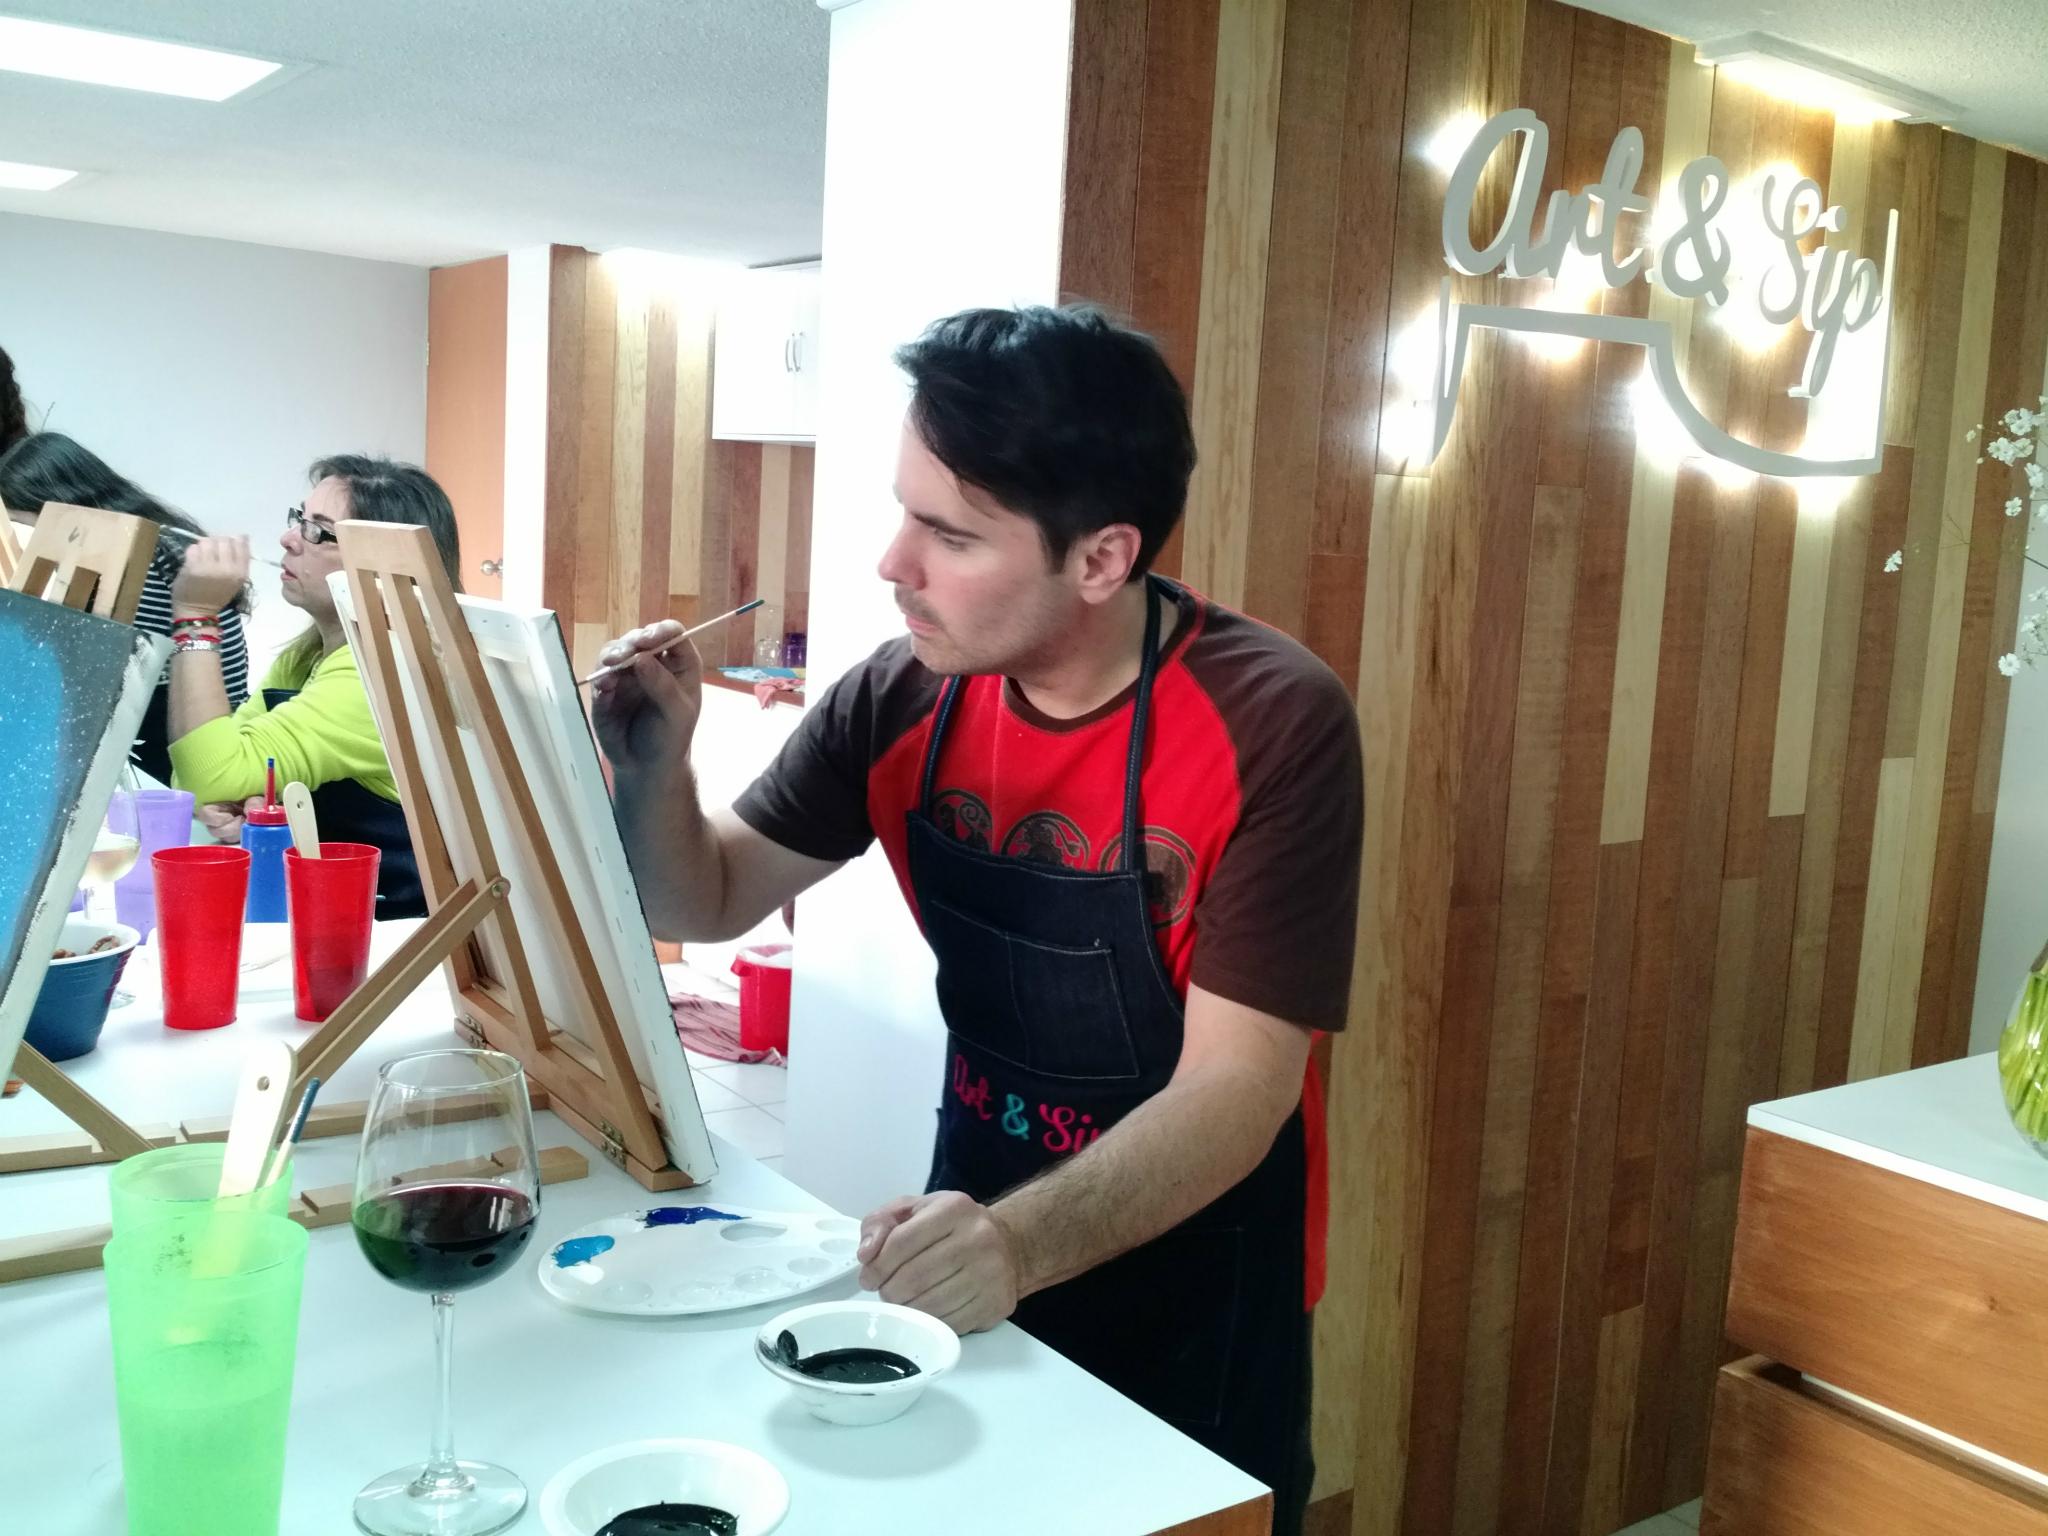 Art&Sip, clases de pintura tomando vino